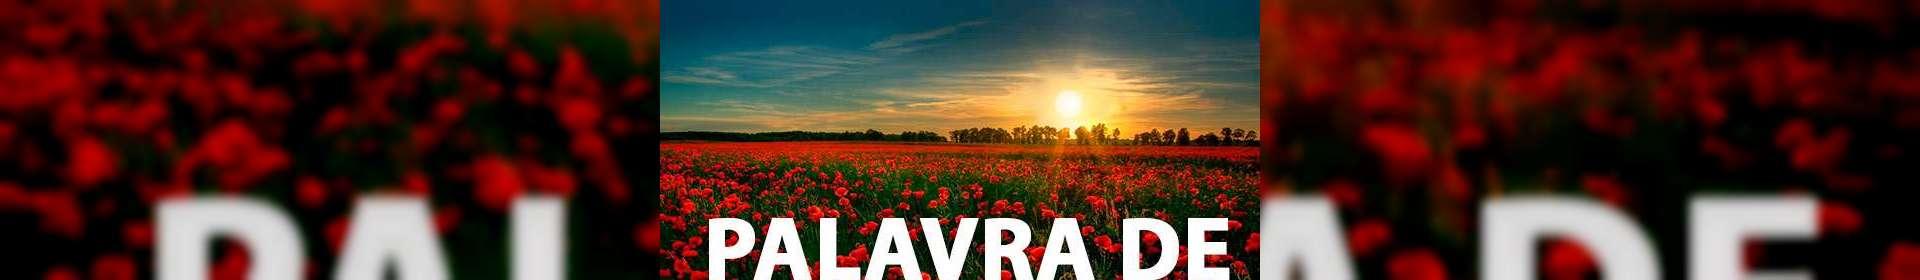 Salmos 49:8 - Uma Palavra de Esperança para sua vida